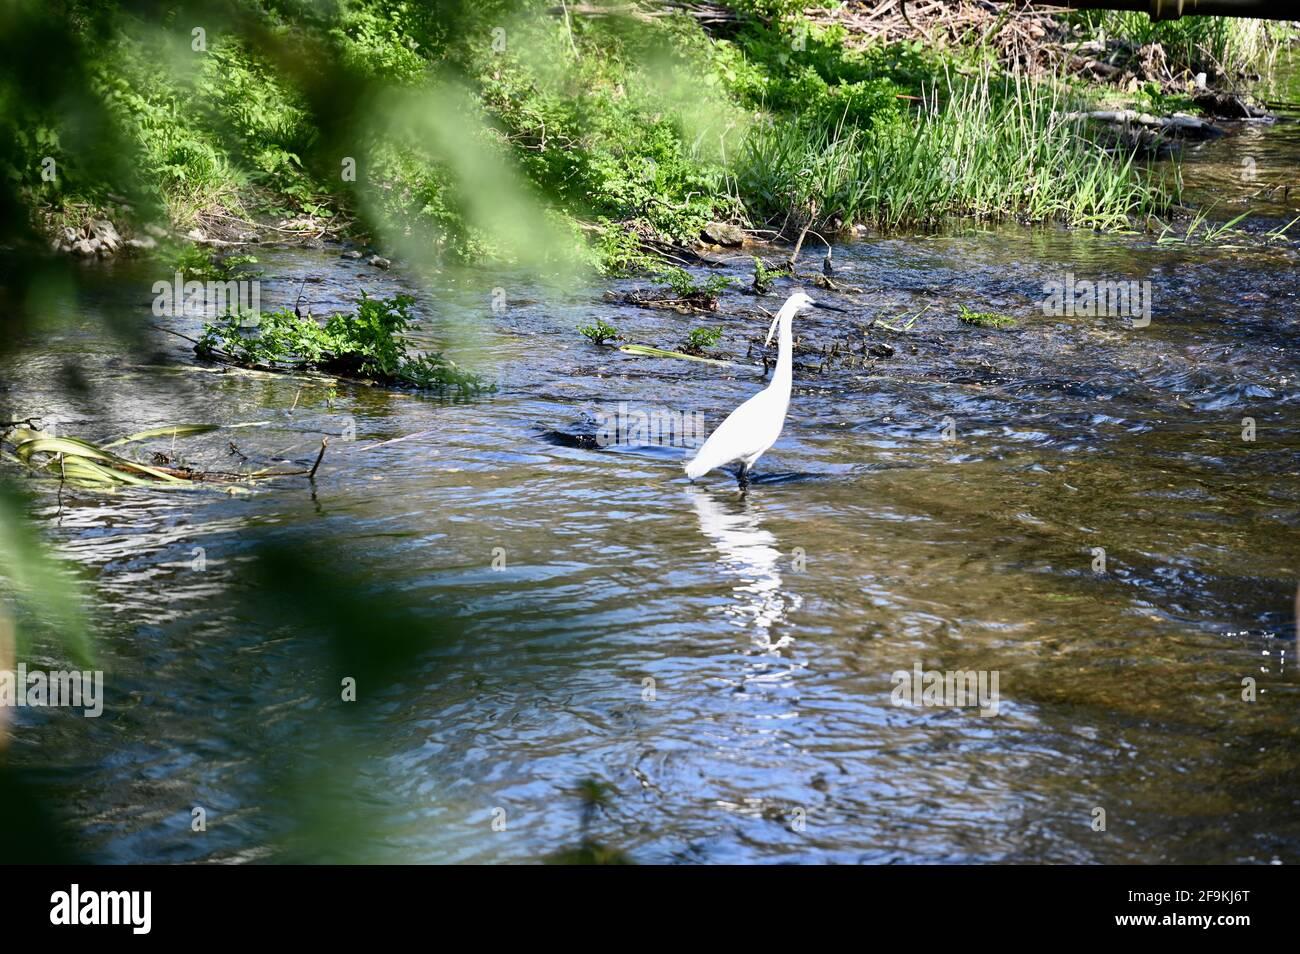 Little Egret, rivière Darent, Shoreham, Sevenoaks, Kent. ROYAUME-UNI Banque D'Images